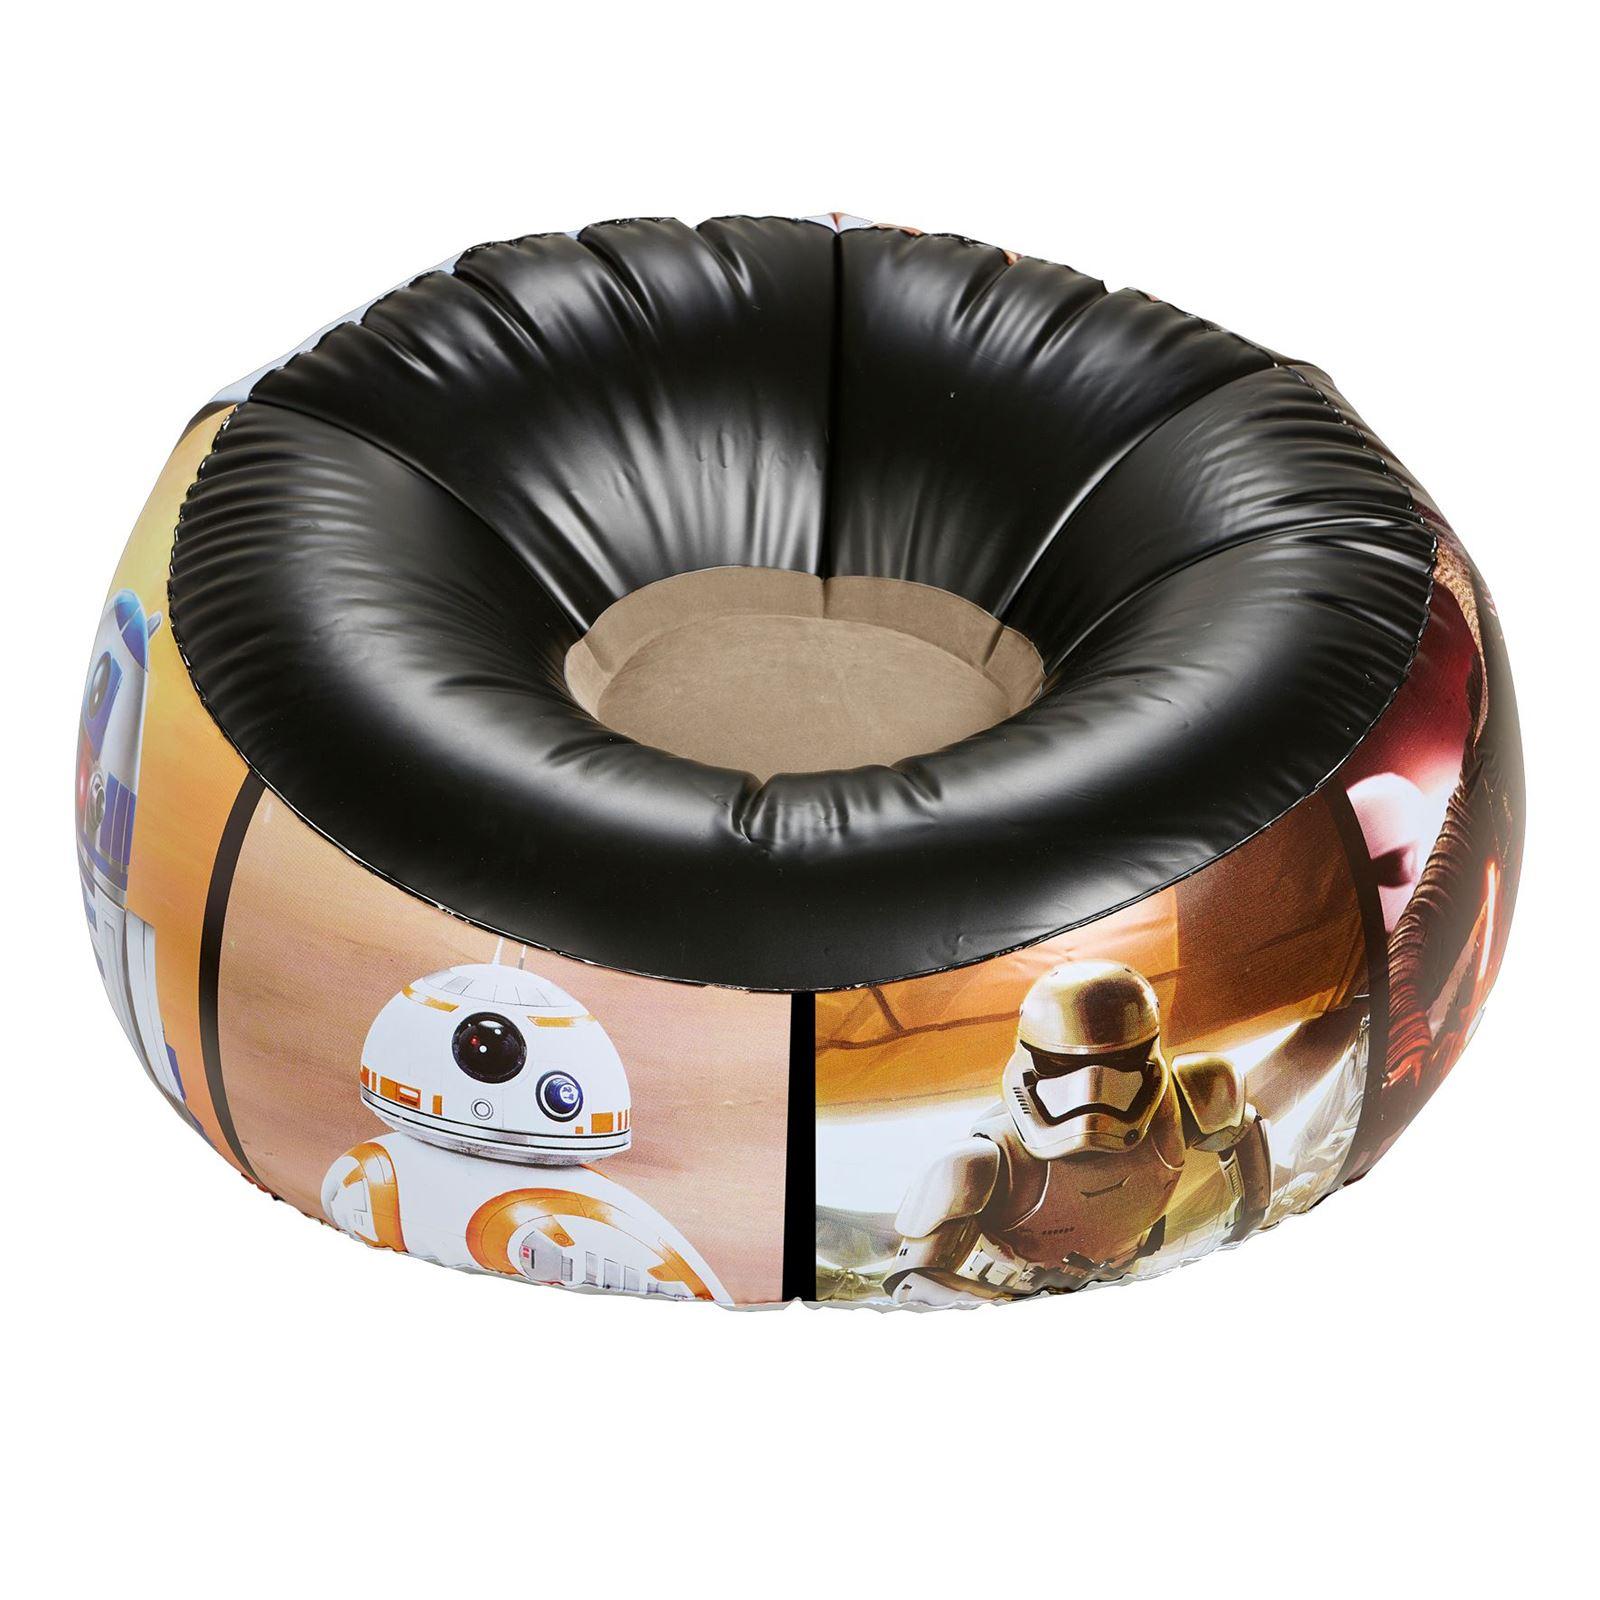 Indexbild 19 - Kinder Aufblasbarer Sessel - PAW PATROL, My LIttle Pony, Star Wars, Toy Story